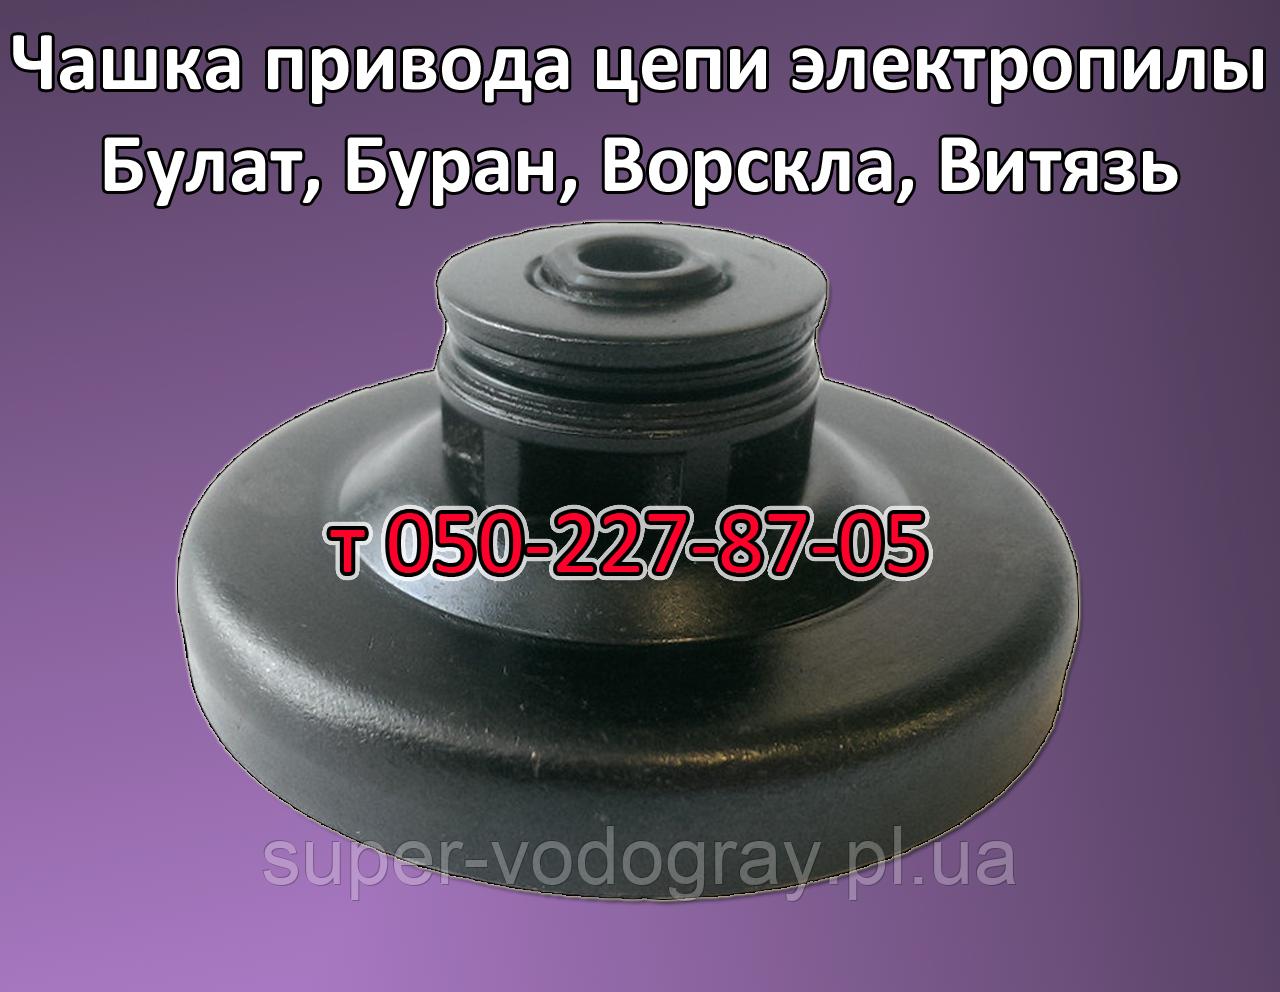 Чашка привода цепи для электропилы Булат, Буран, Ворскла, Витязь